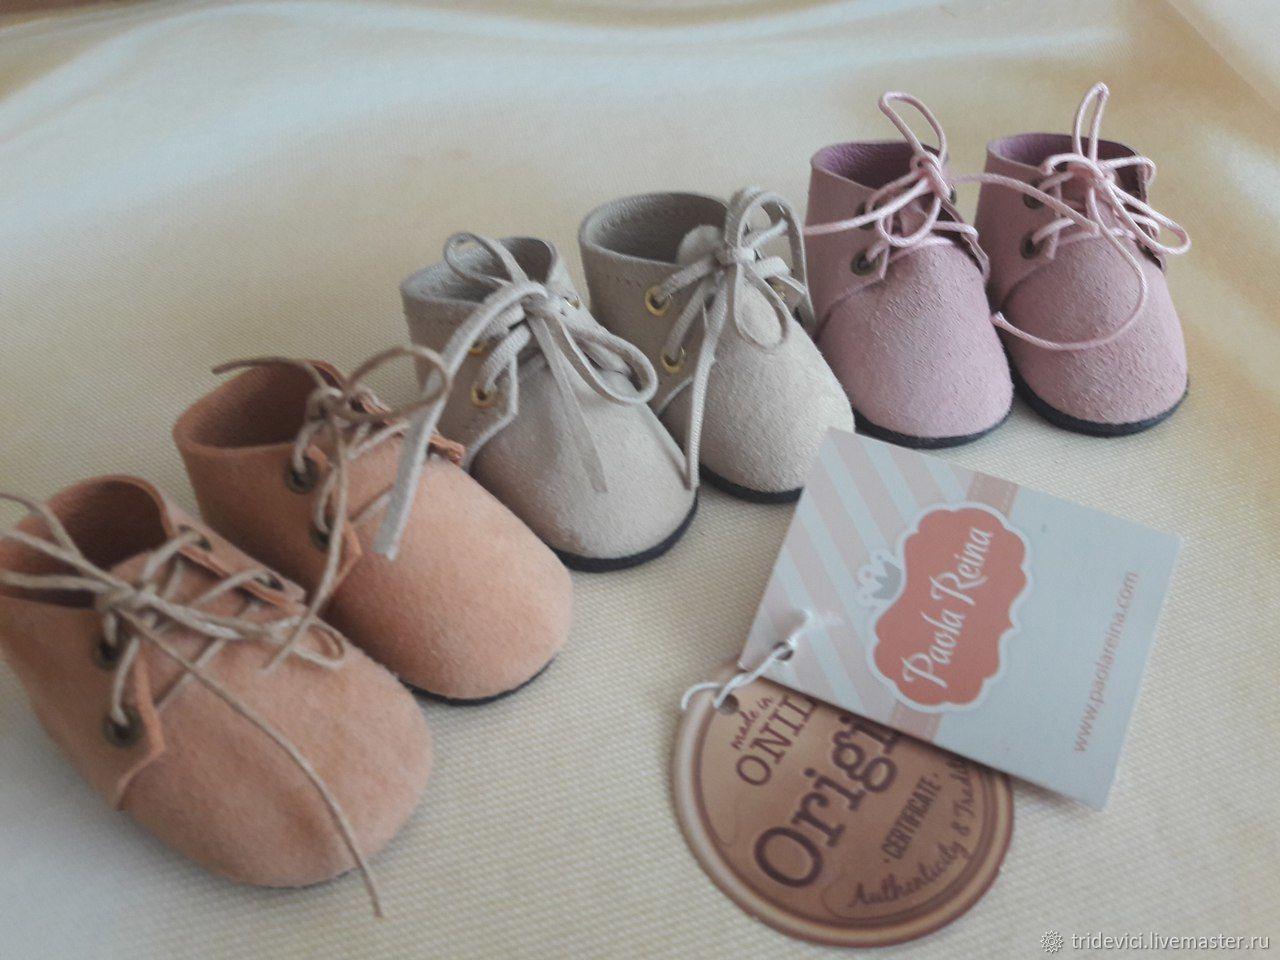 Одежда для кукол ручной работы. Ярмарка Мастеров - ручная работа. Купить Ботинки для Paola. Handmade. Комбинированный, кукольные ботинки